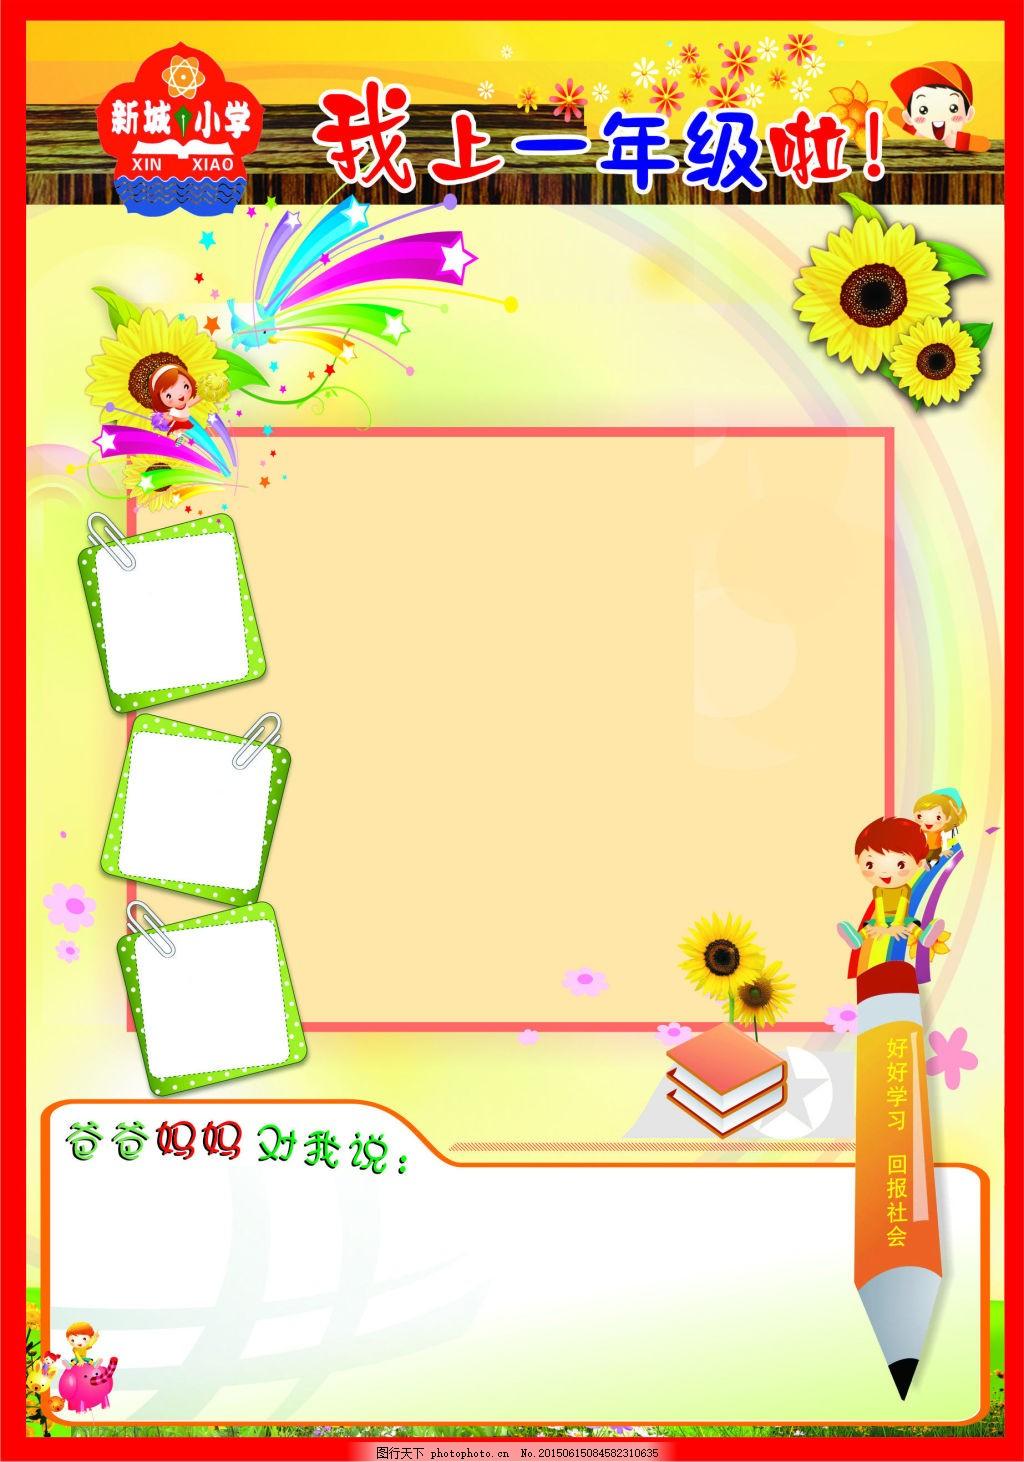 幼儿园 学校背景 小学背景 葵花 书 笔 星星 文本框 相框 框框 读书